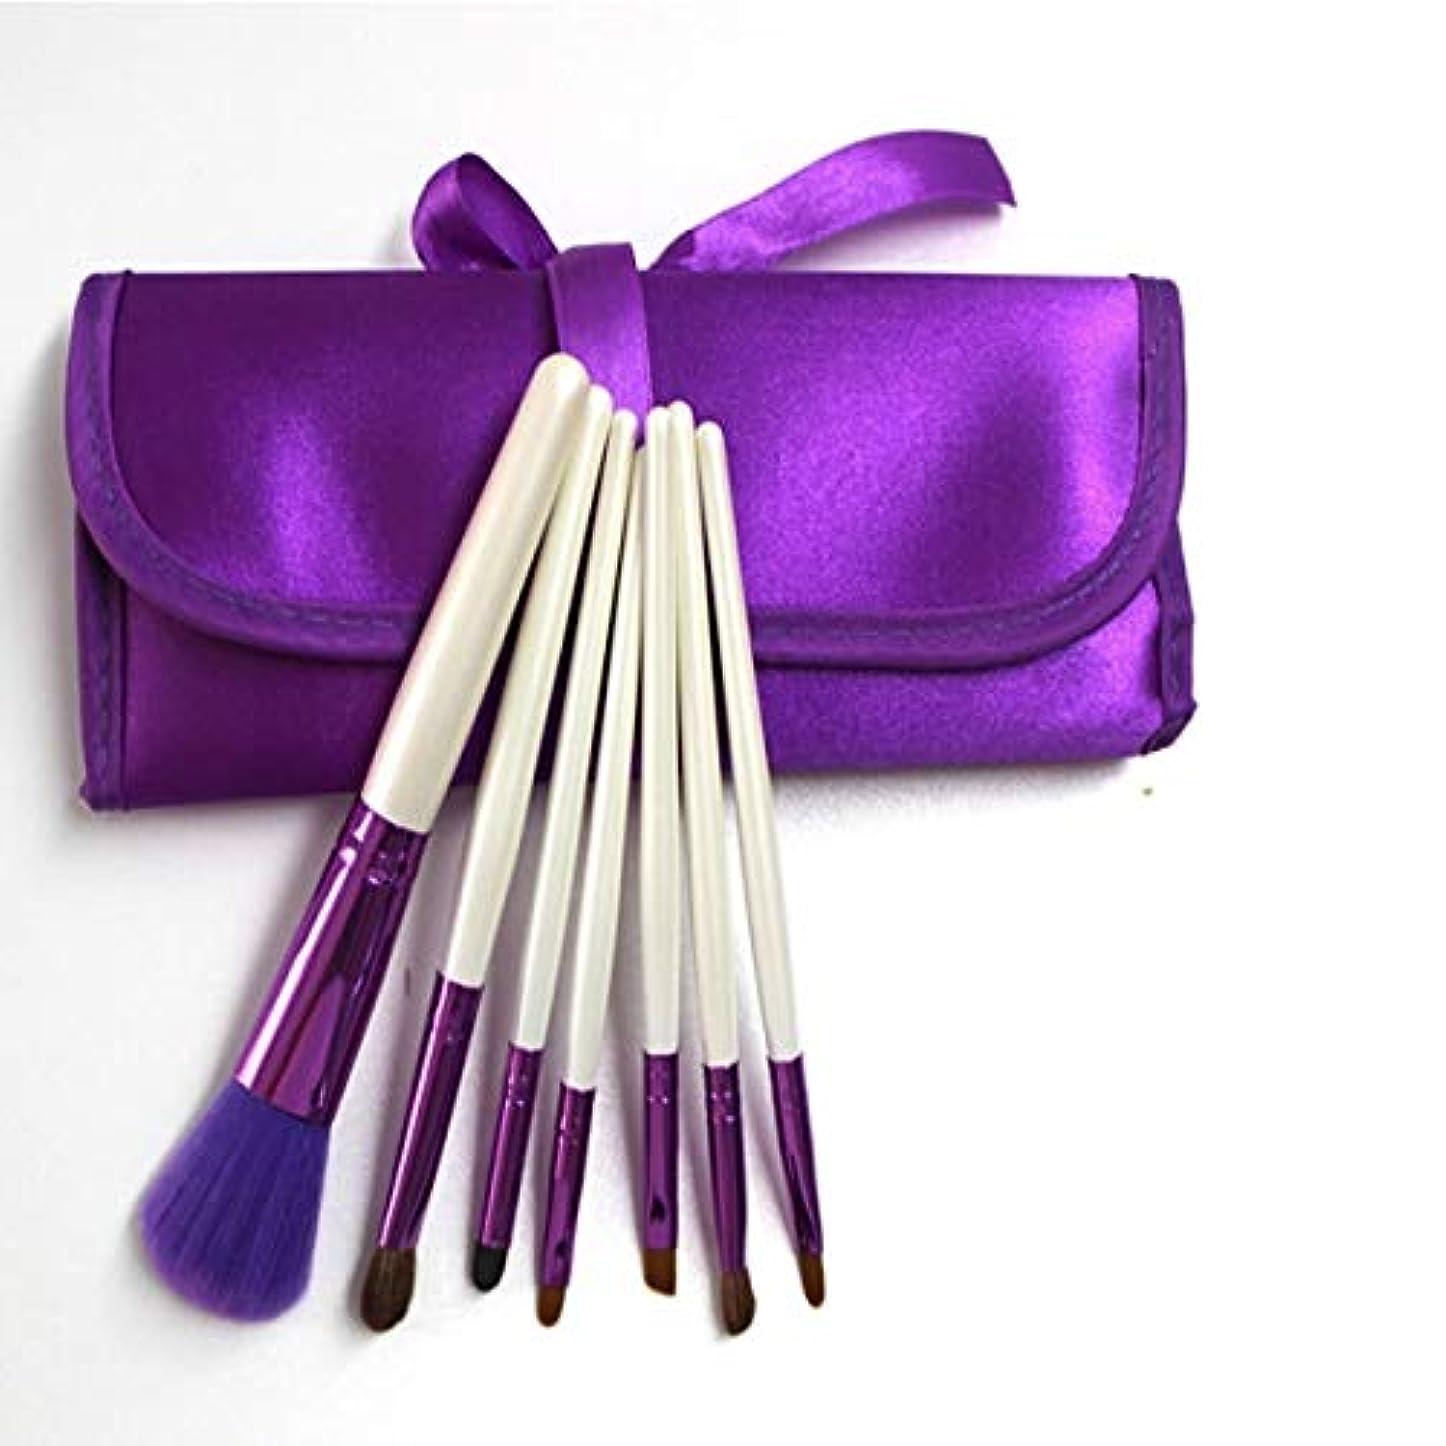 シェアショートカット陸軍XIAOCHAOSD メイクブラシセットメイクブラシセット7ピースアイシャドウブラシアイブローブラシチークブラシアイライナーブラシリップブラシメイクアップ美容ツール (Color : Purple)